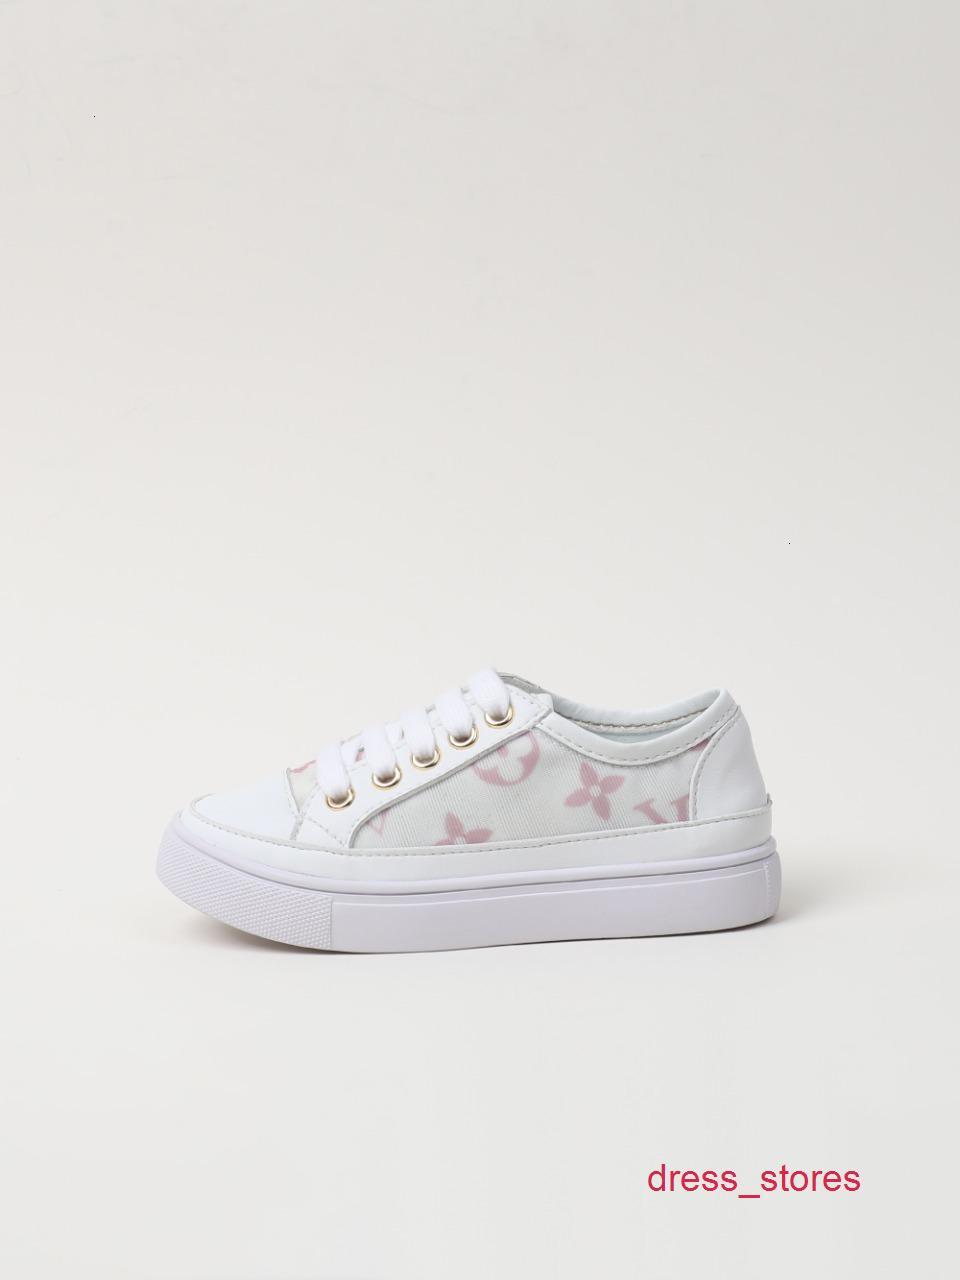 Nuevo patrón de zapatos casuales de la moda unisex muchachos de los niños Tiempo libre impresión niñas